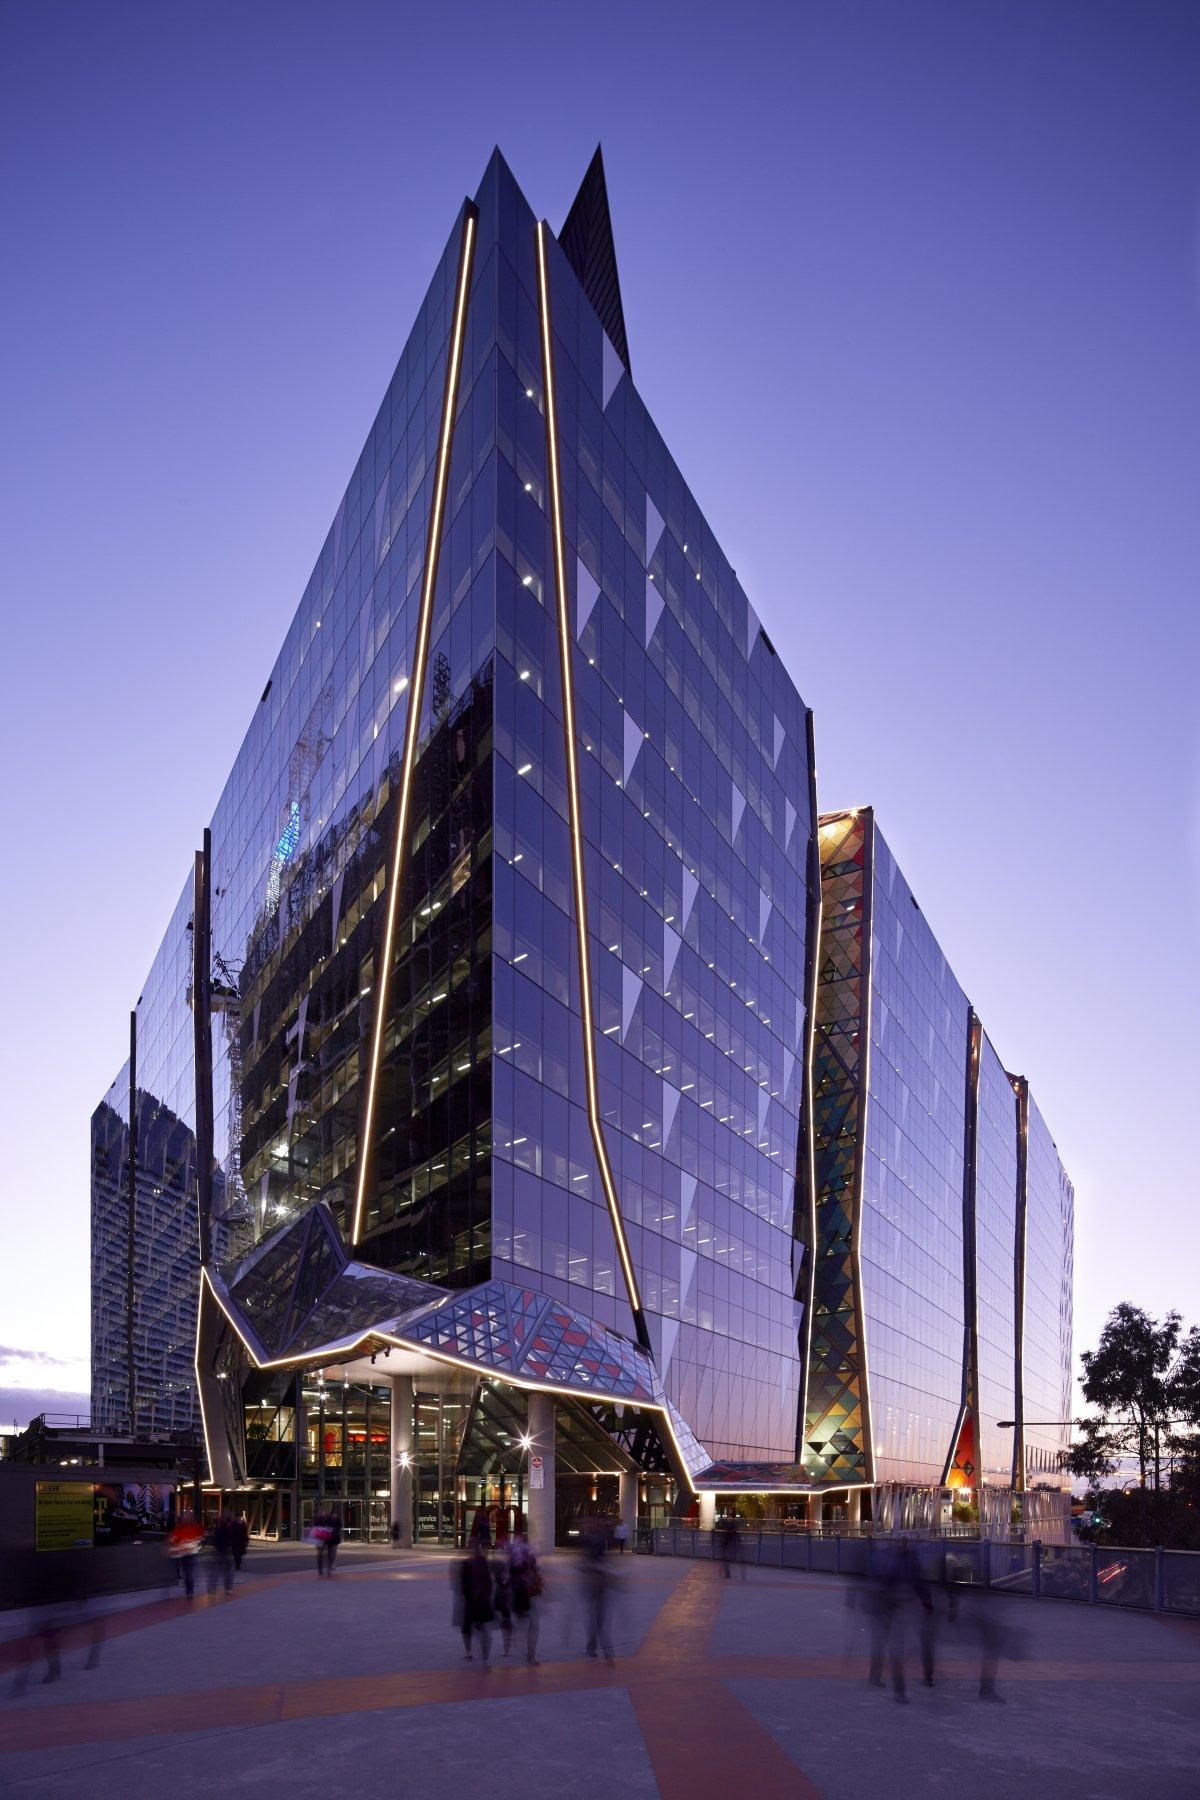 Choáng ngợp với 20 công trình kiến trúc đẹp nhất thế giới (12)